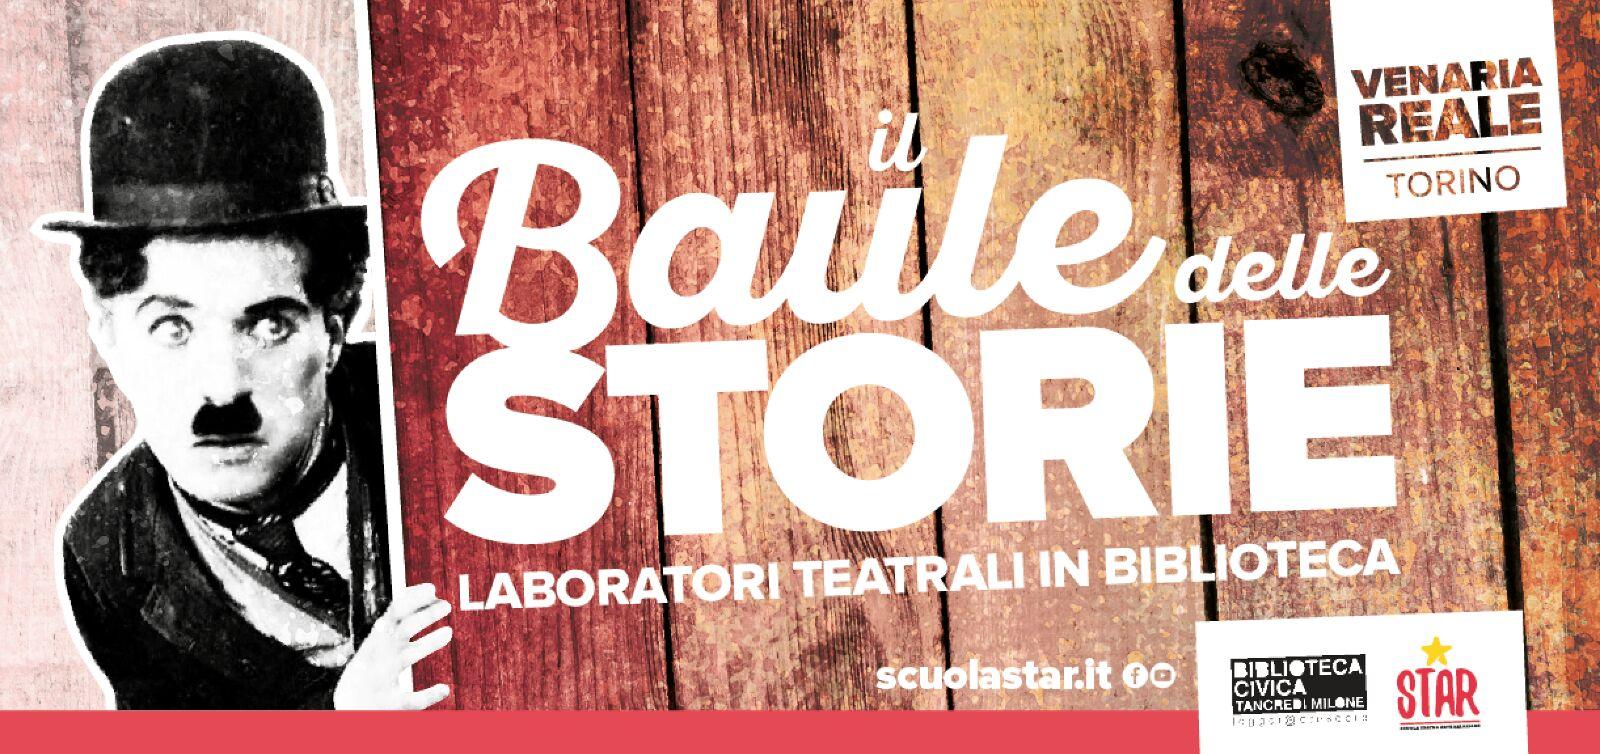 IL BAULE DELLE STORIE